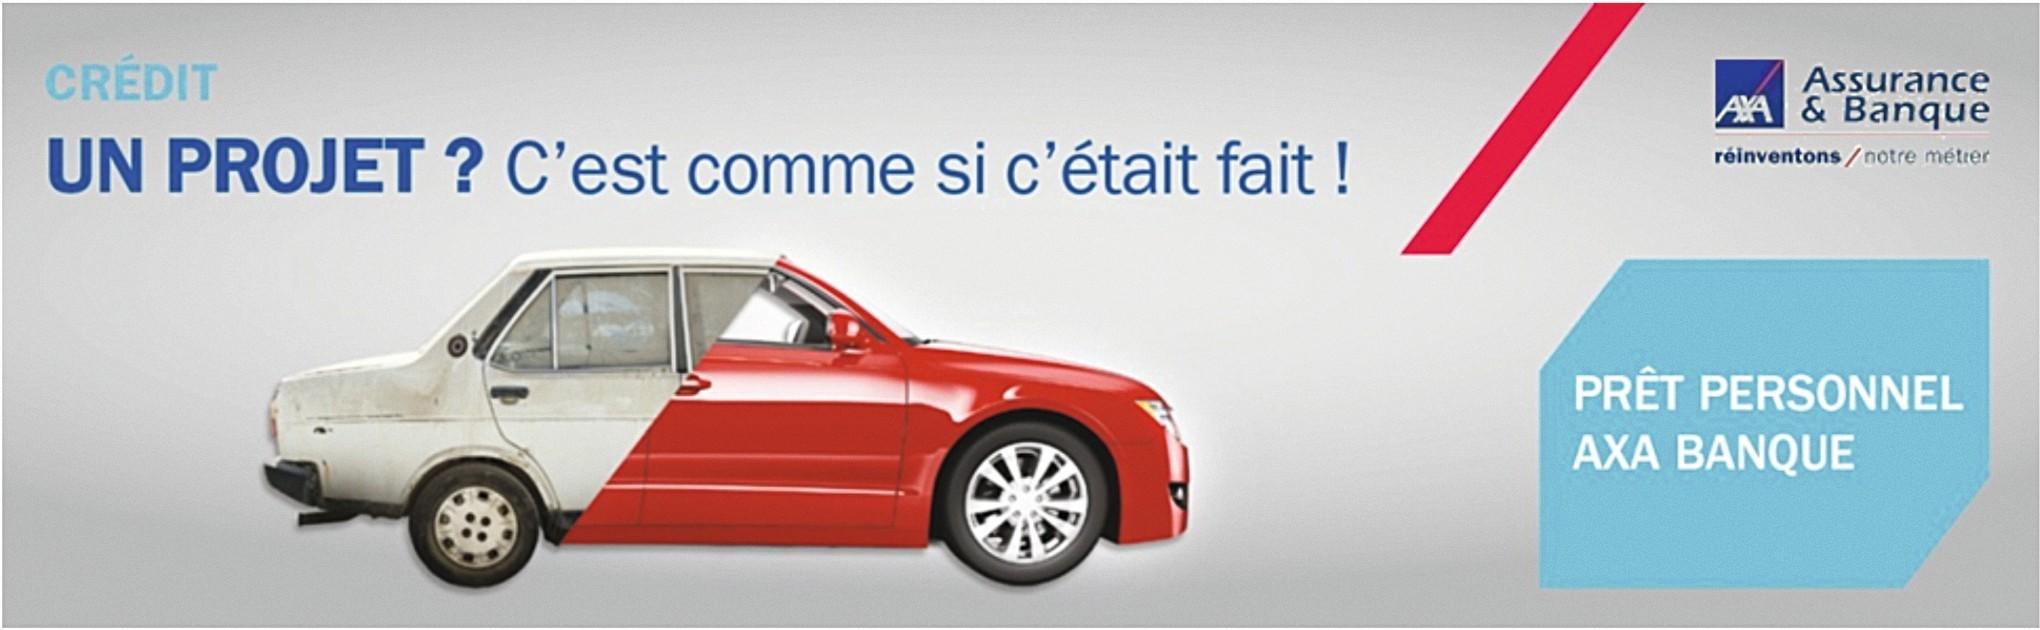 publicité Banque et Assurance AXA